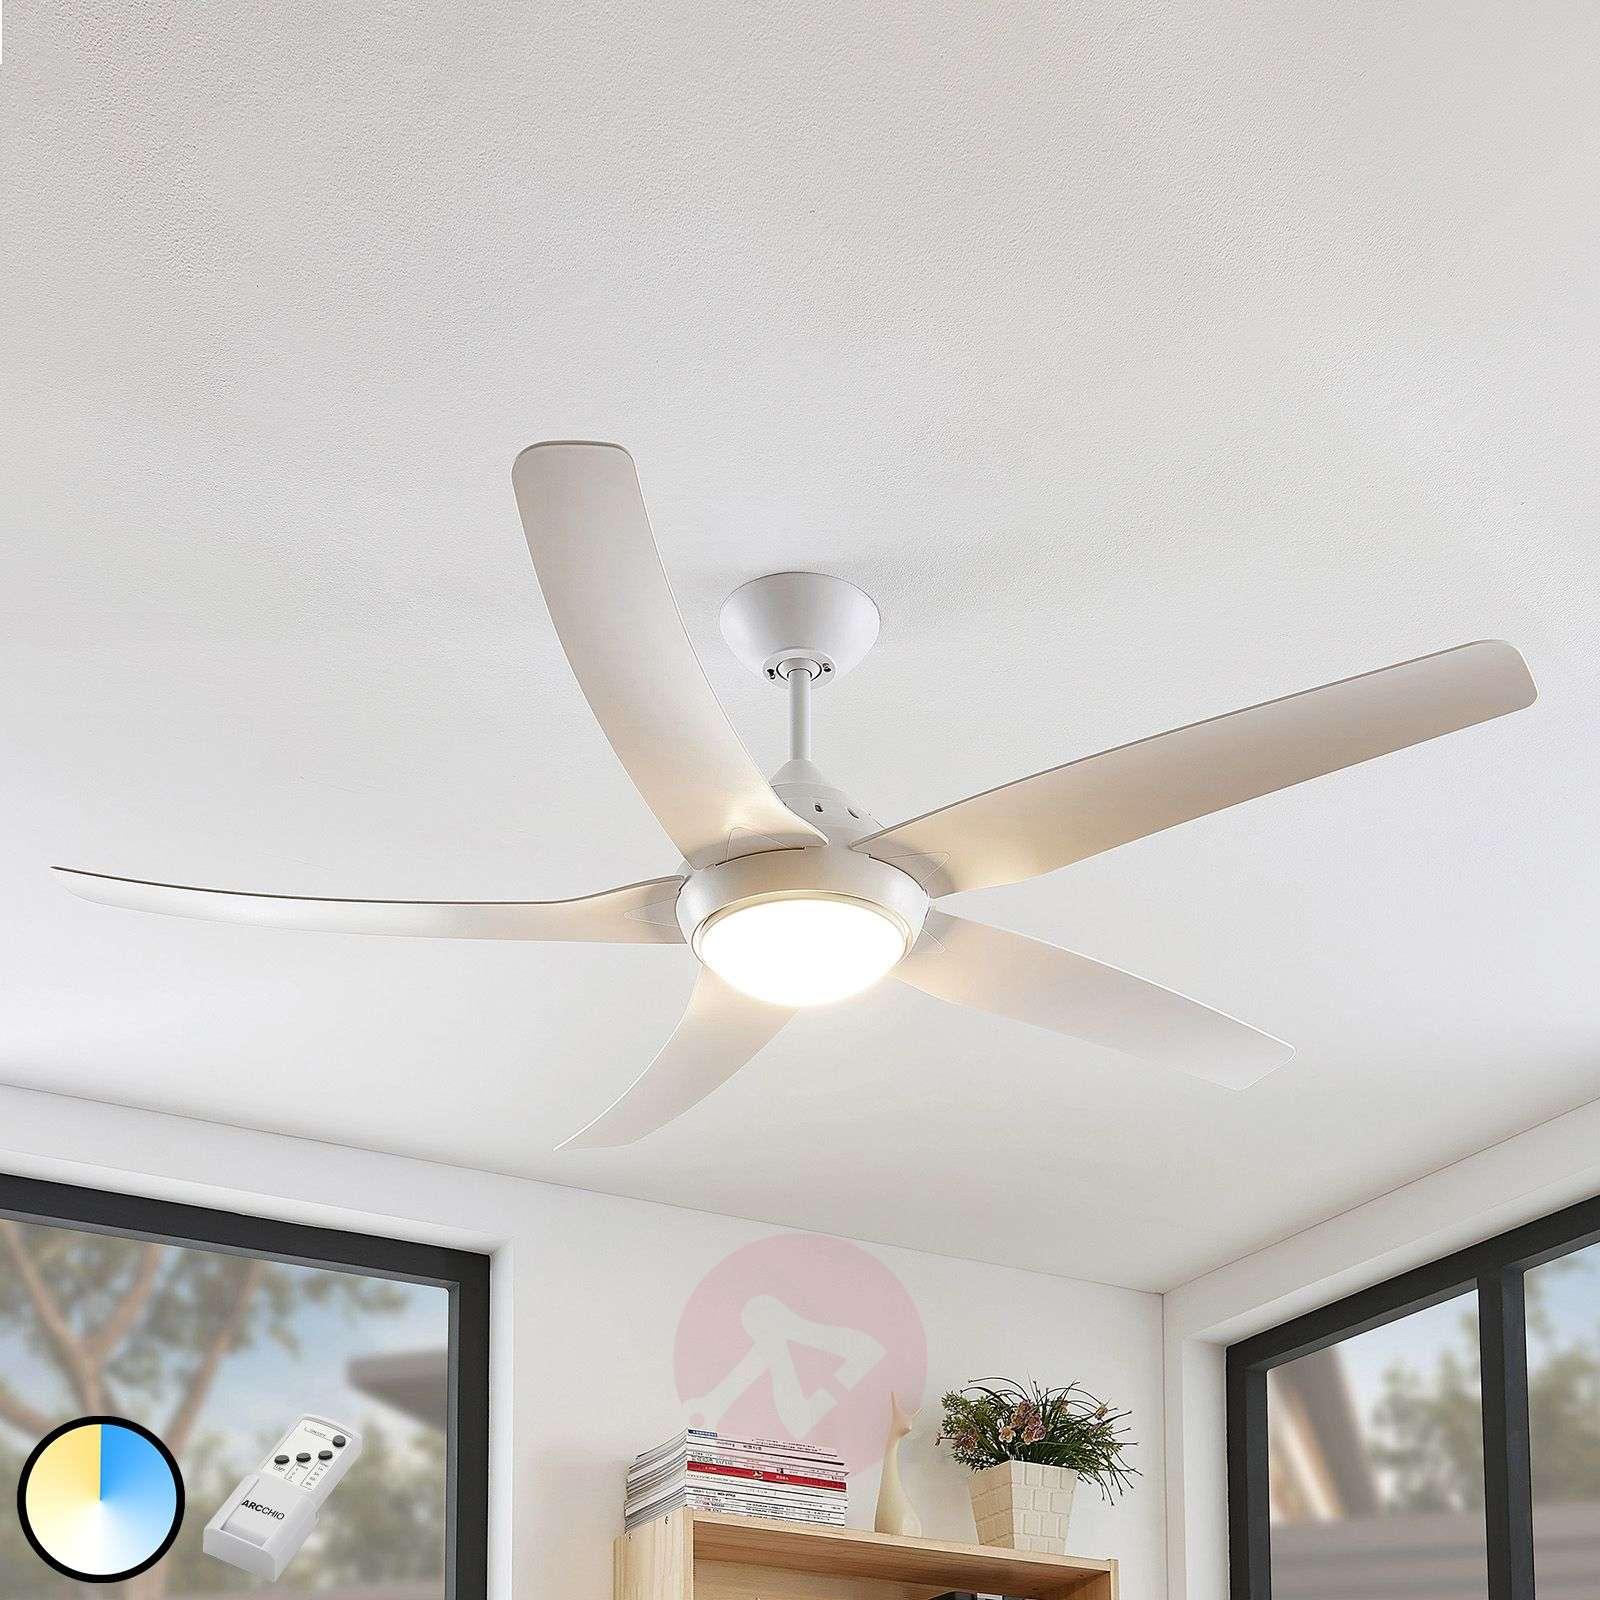 Arcchio Dora LED-kattotuuletin, 5 siipeä, valk-9624668-02